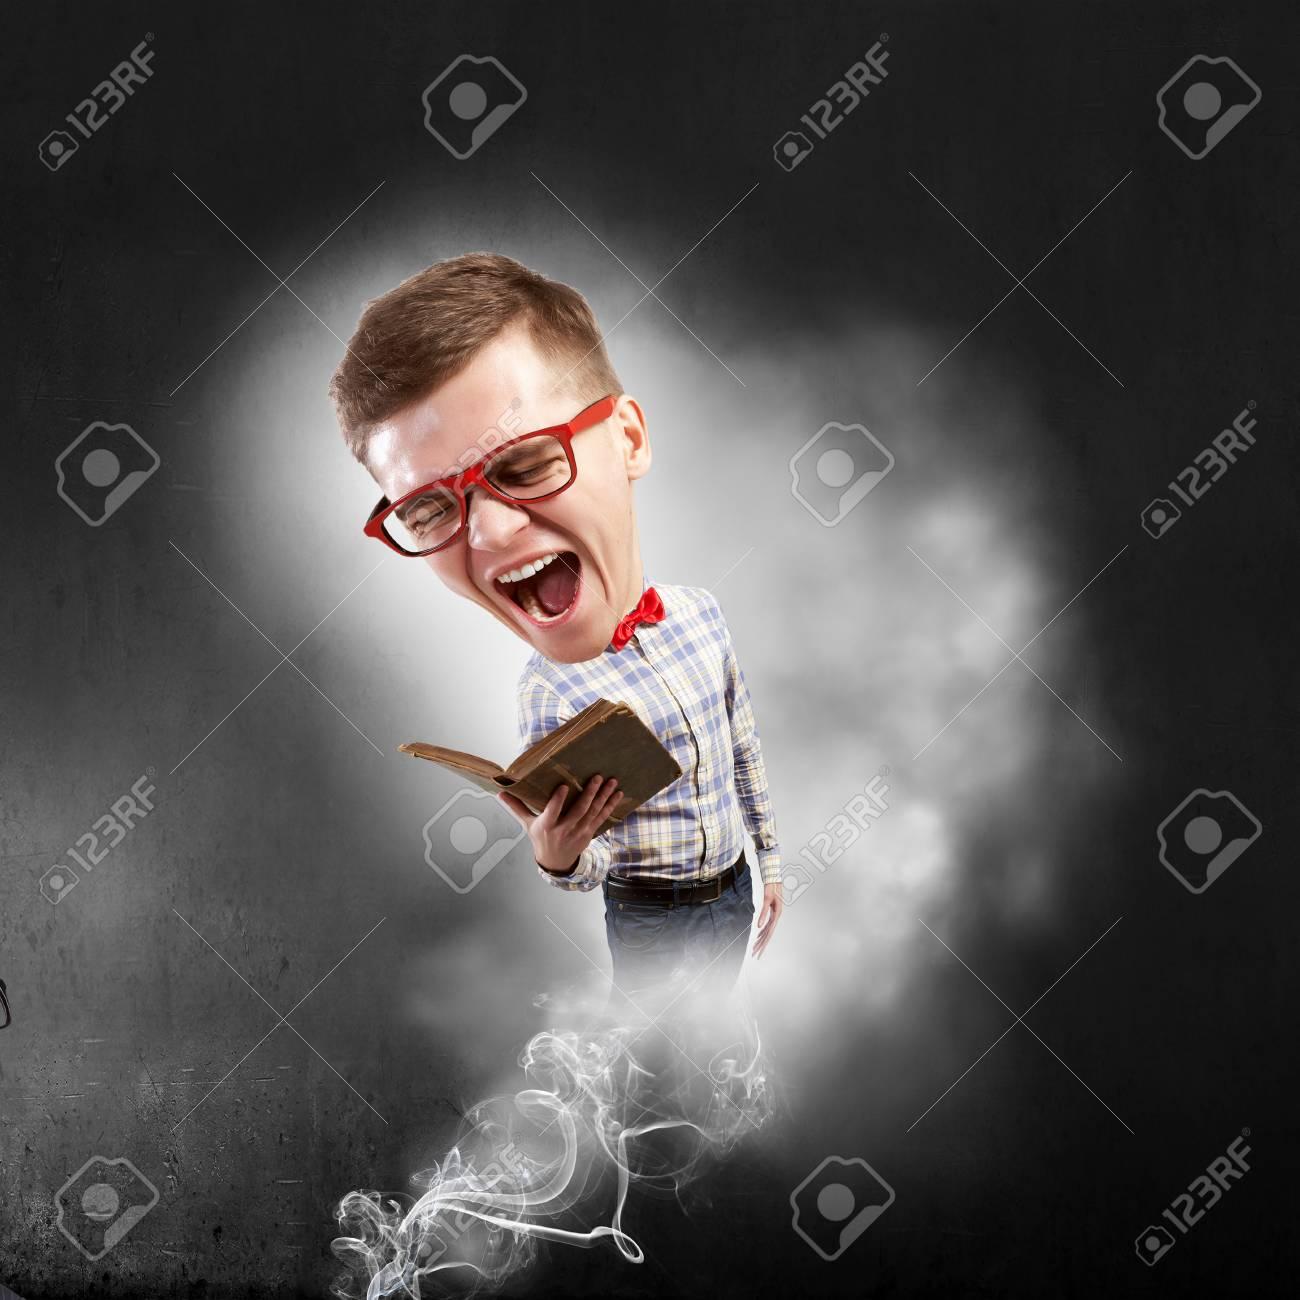 cb89f82c47849 Banque d images - Jeune homme drôle et grosse tête en lunettes avec livre  dans les mains